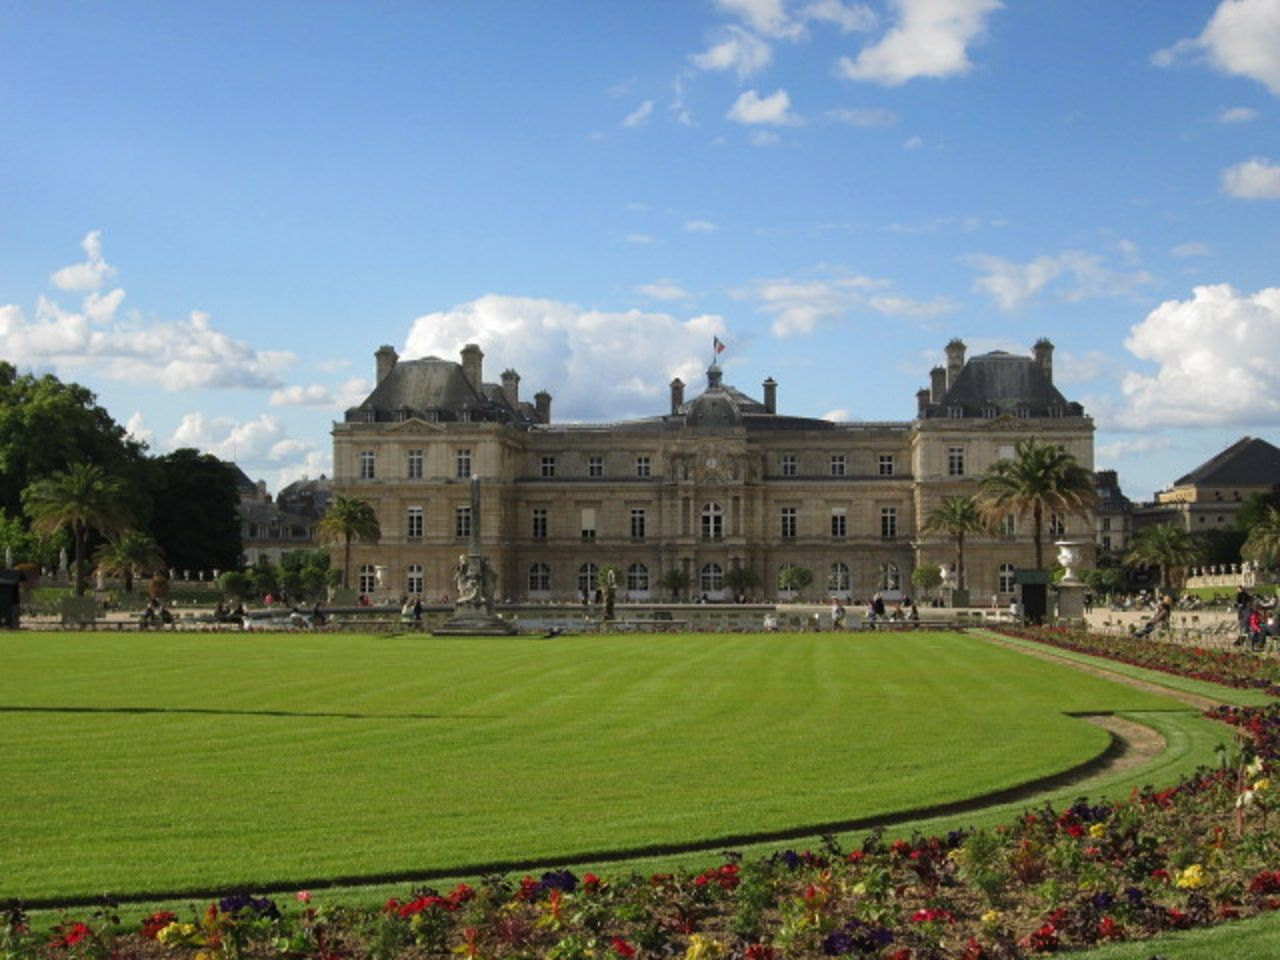 ヨーロッパの宮殿のような庭園